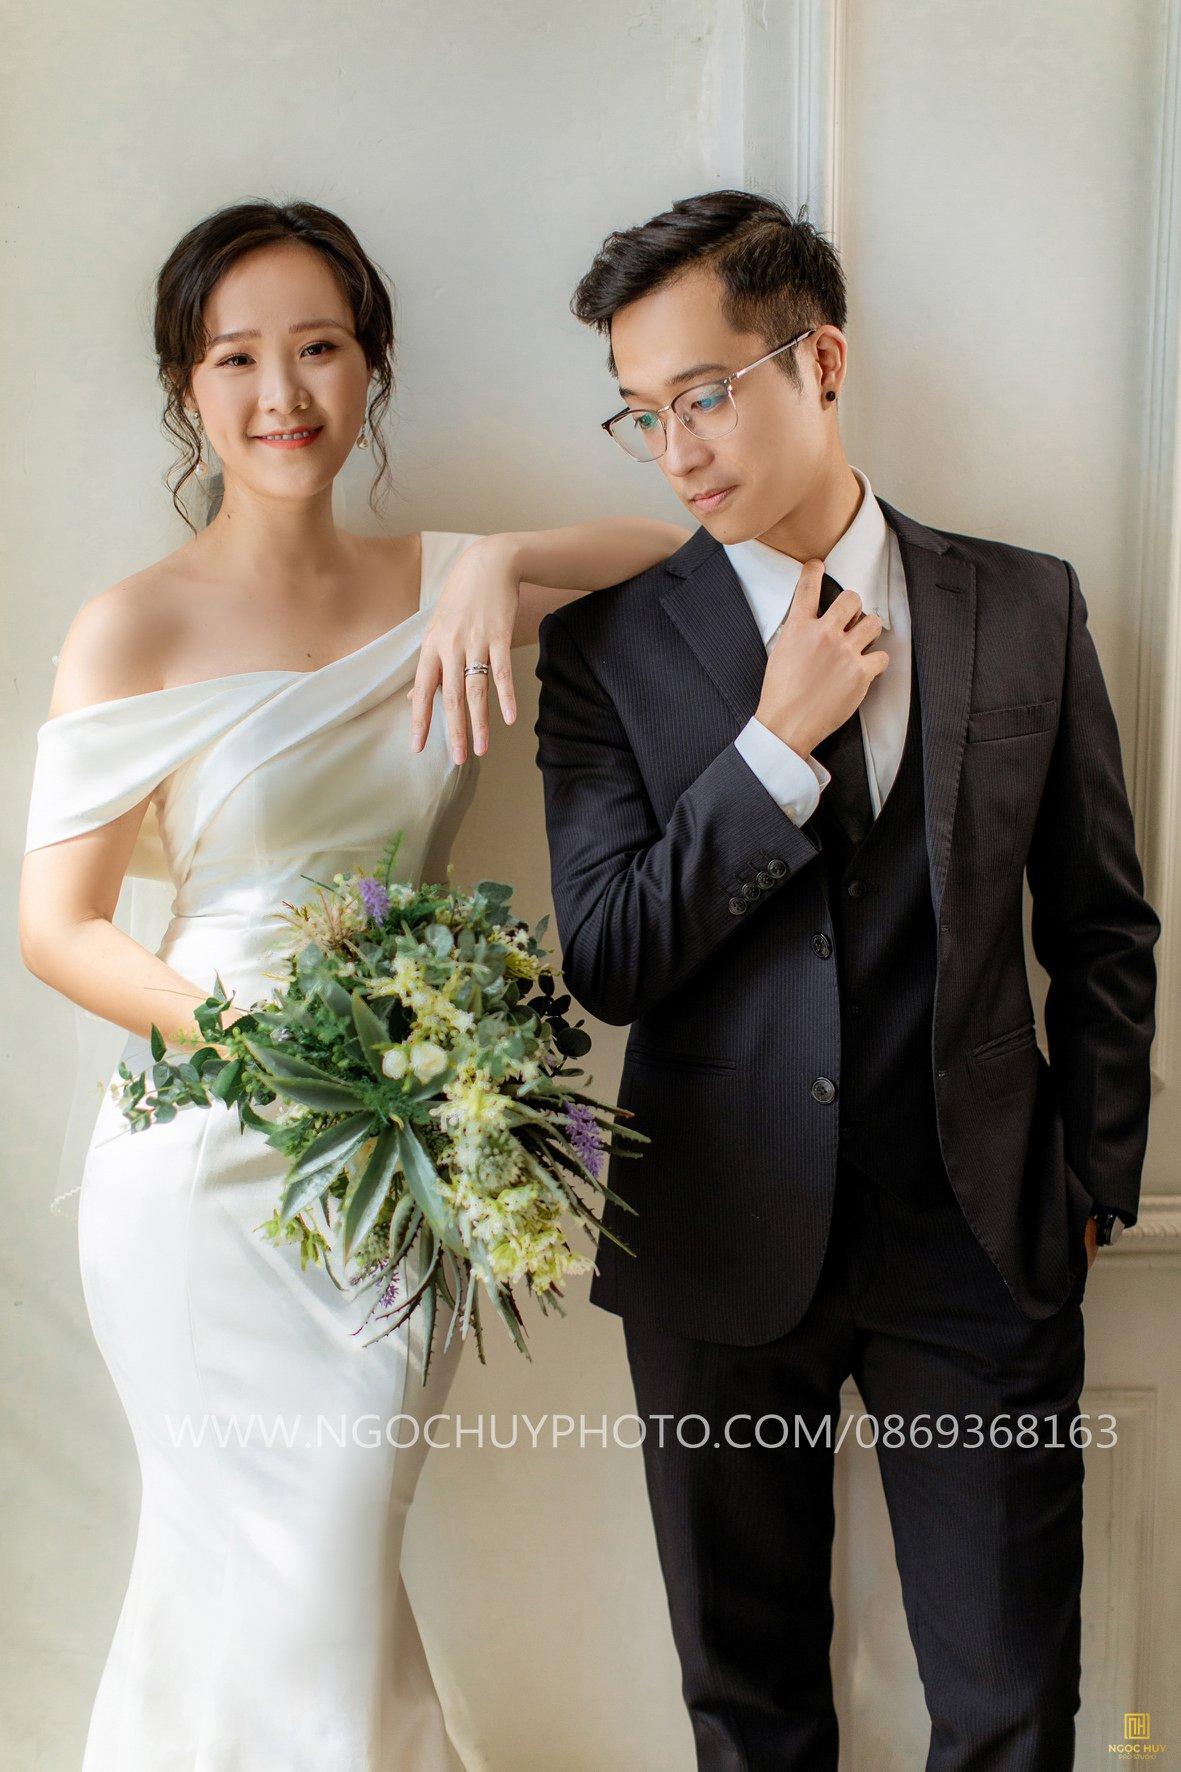 Ảnh cưới phim trường Ngọc Huy Studio 1